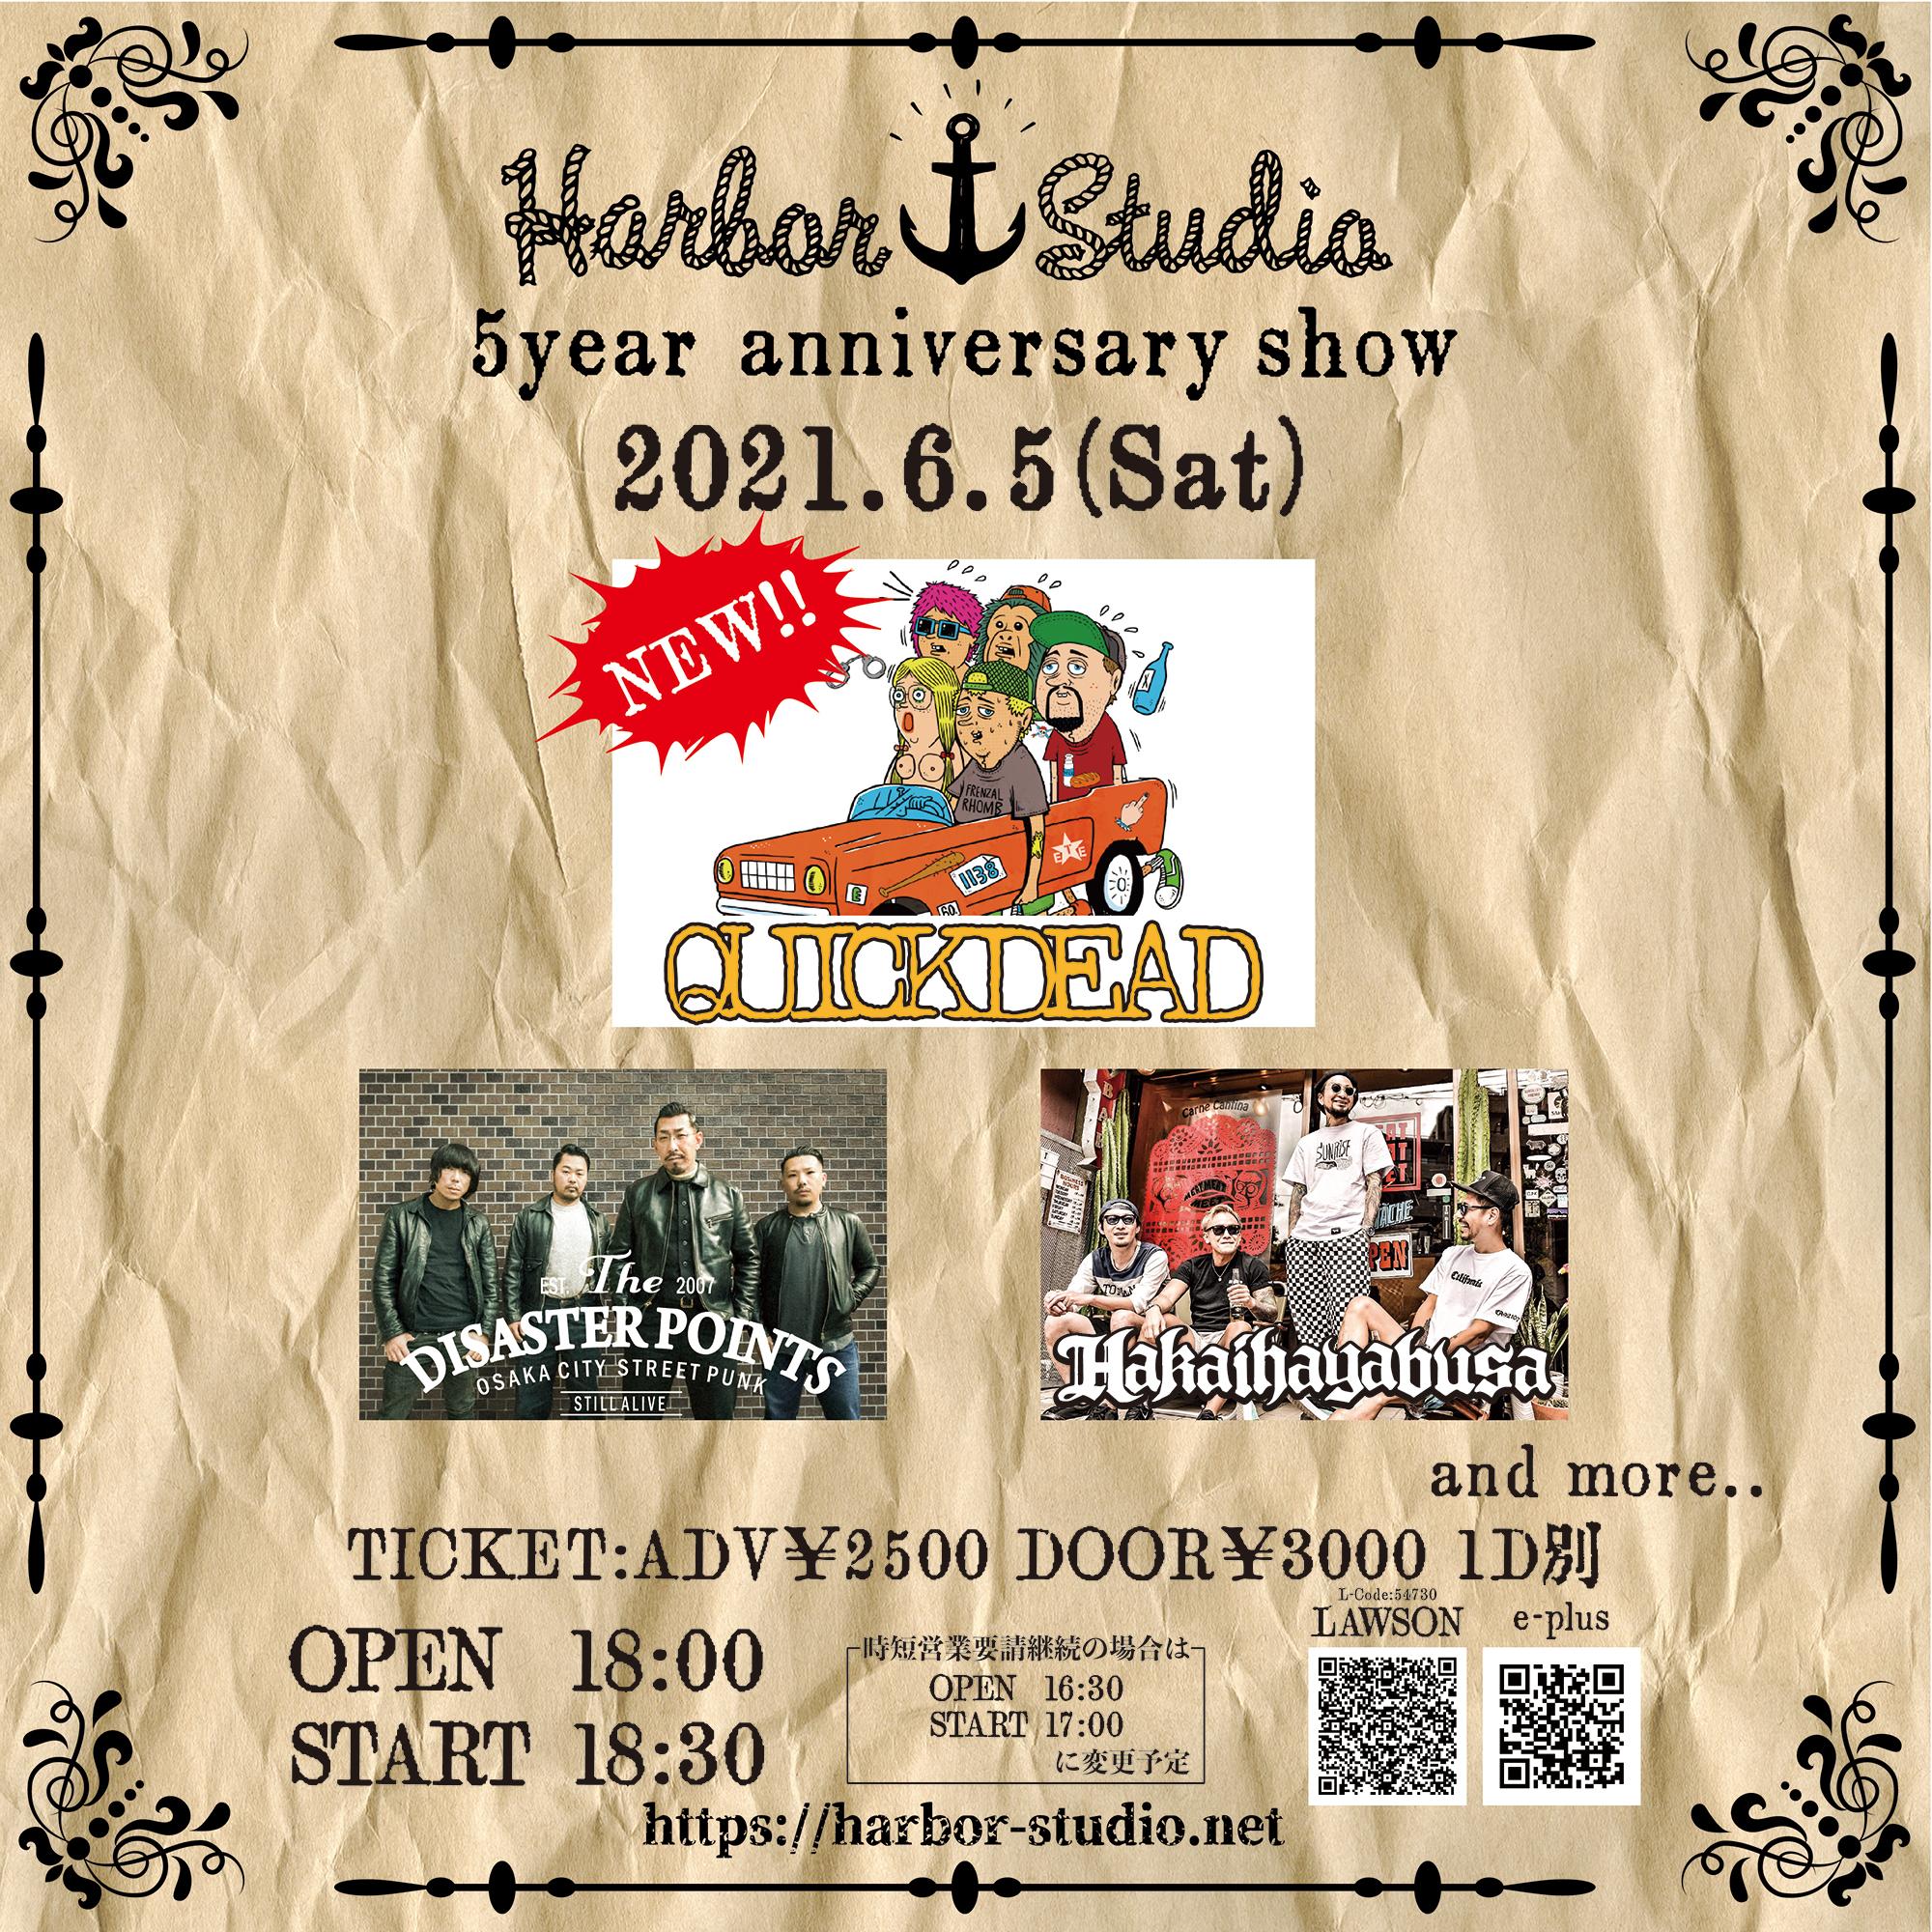 Harbor Studio 5year anniversary show